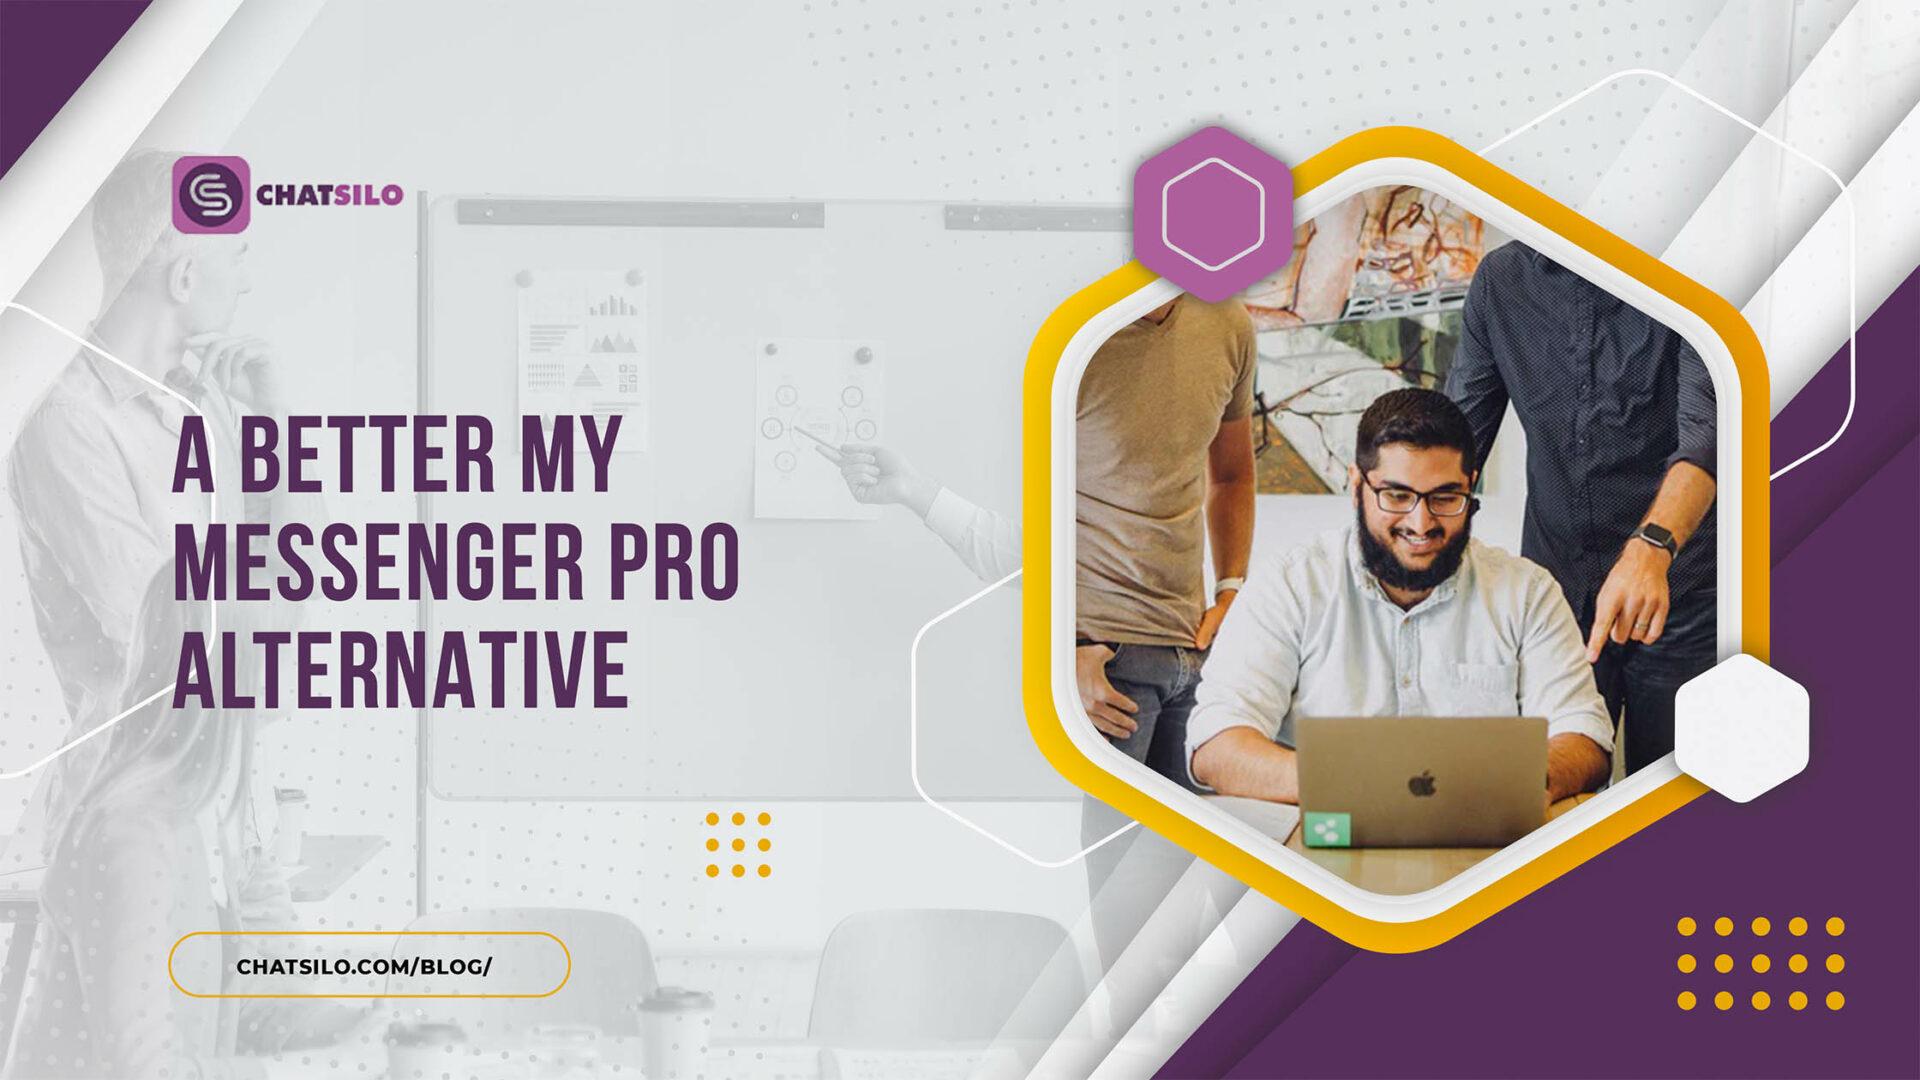 A Better My Messenger Pro Alternative (2020) - Chatsilo Blog